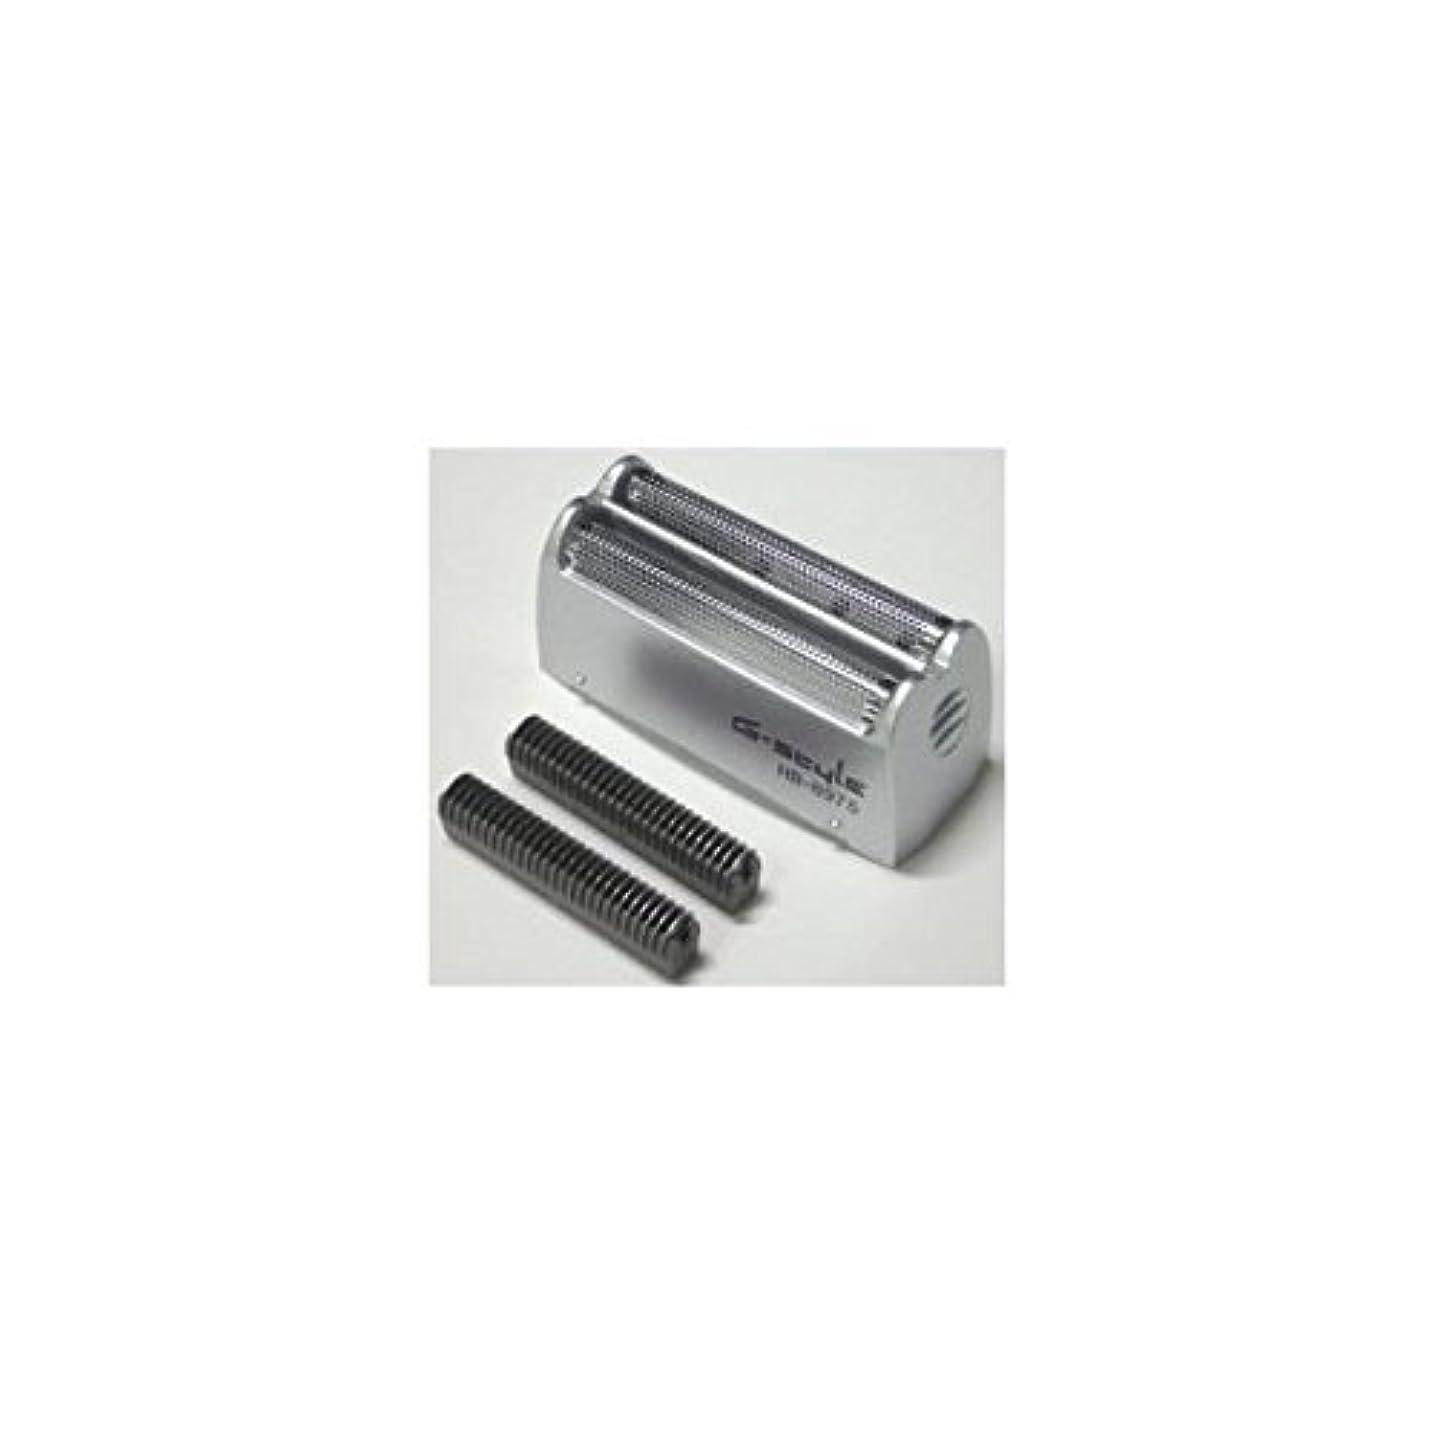 オーム電機 シェーバー用替え刃セット HB8981